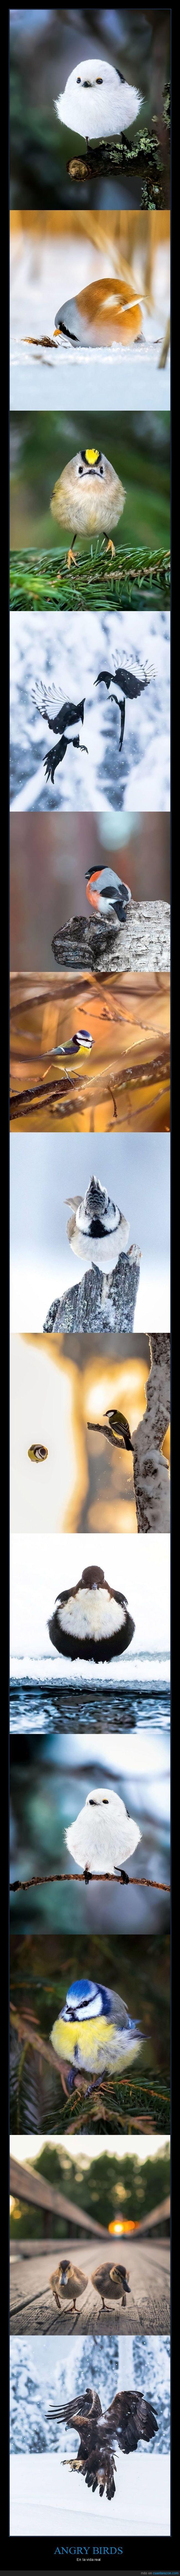 angry birds,fotografía,pájaros